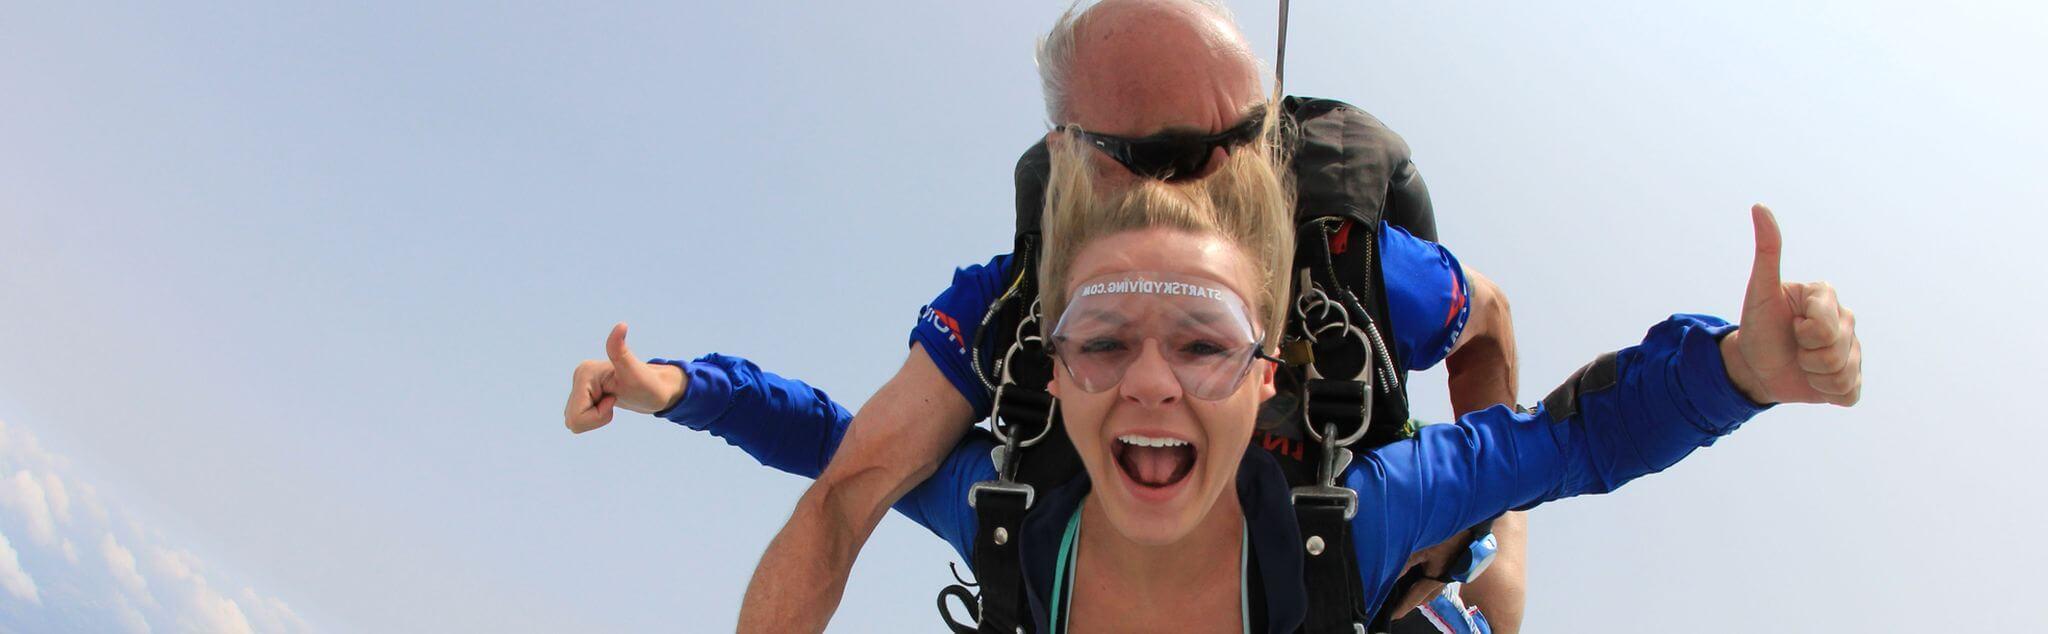 Parachutisme dans Lons le Saunier